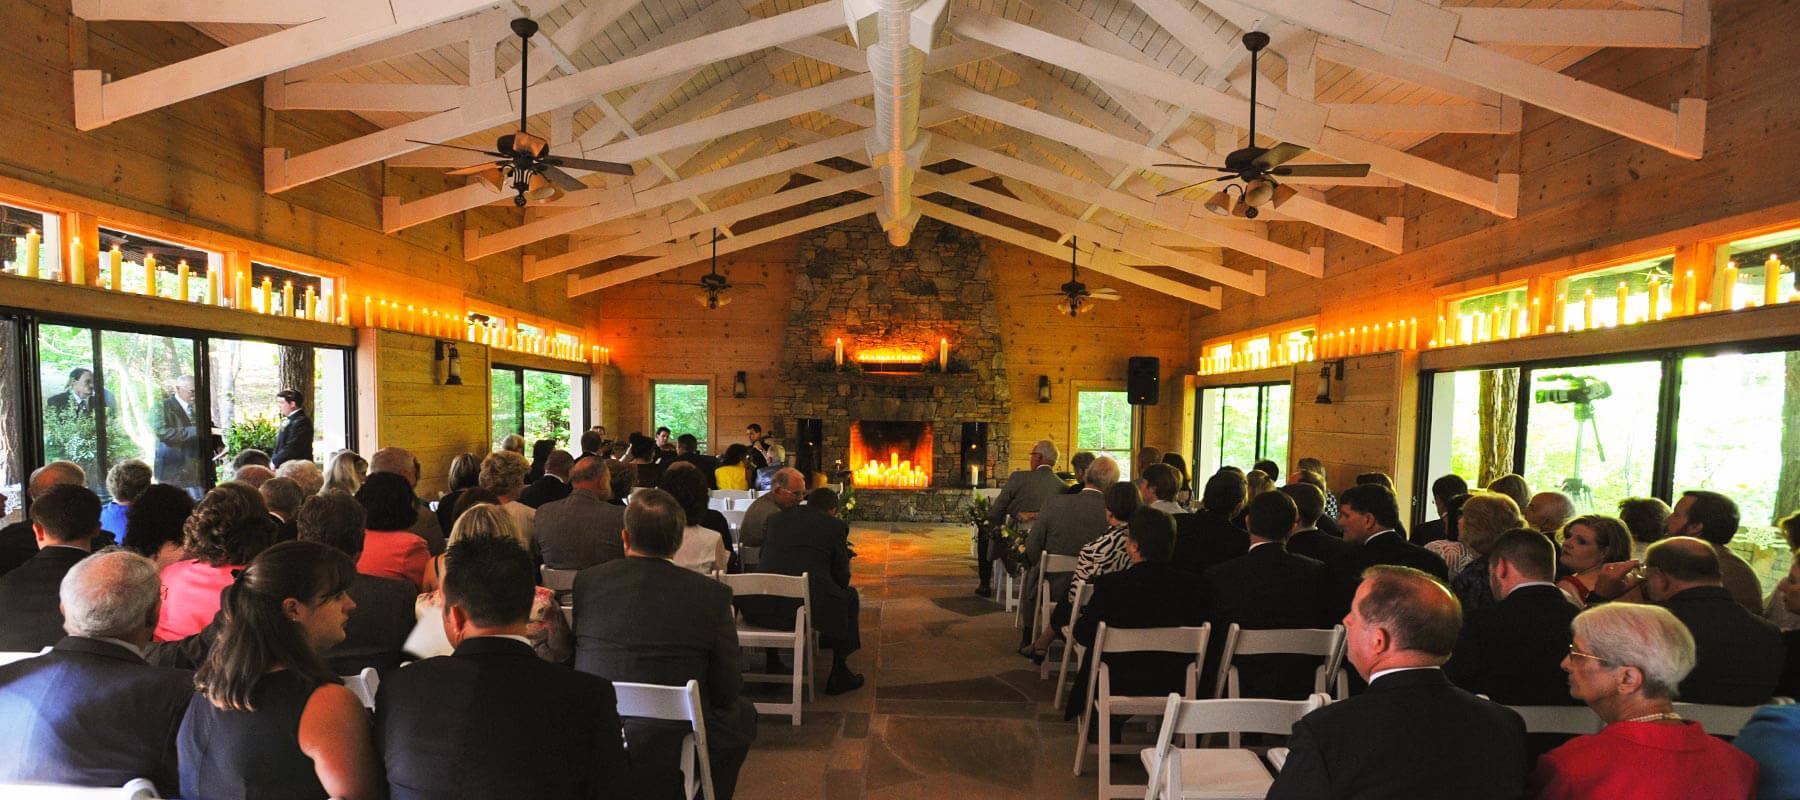 Brasstown-Valley-Wedding-Venues-in-Georgia-Creekside-Pavilion-3